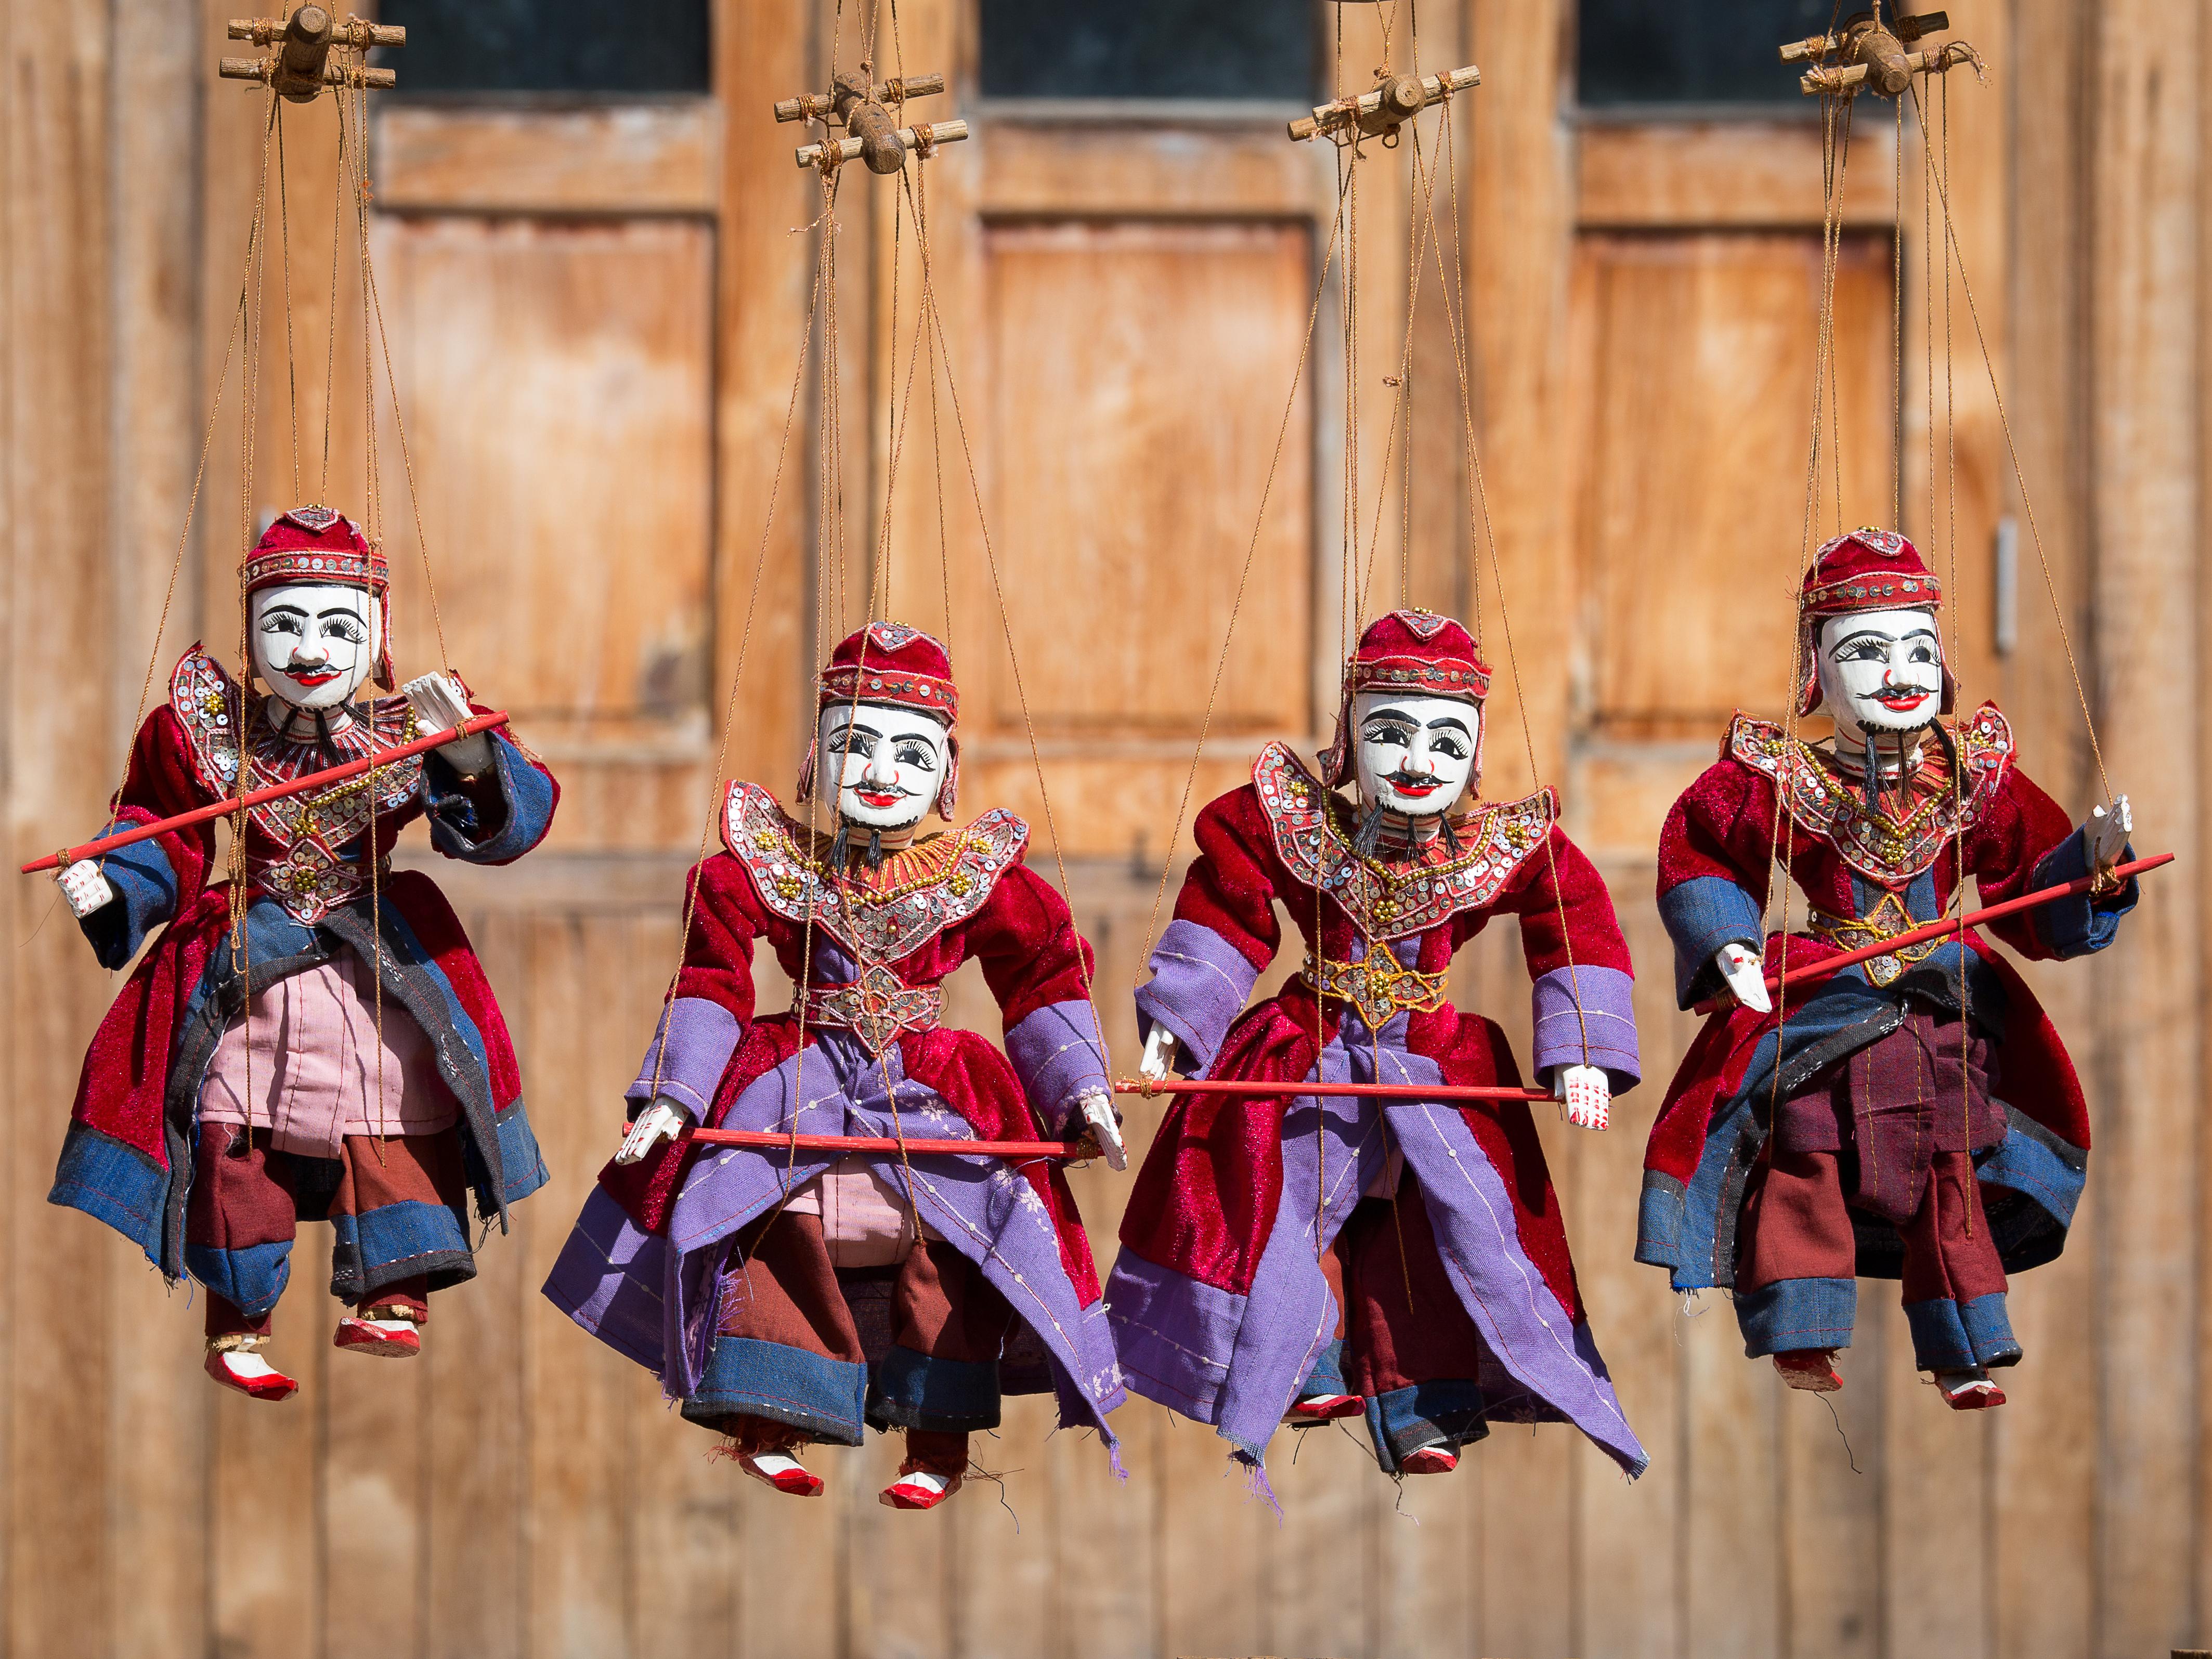 Conocer un espectáculo popular de Myanmar - Myanmar Gran Viaje Myanmar exótico